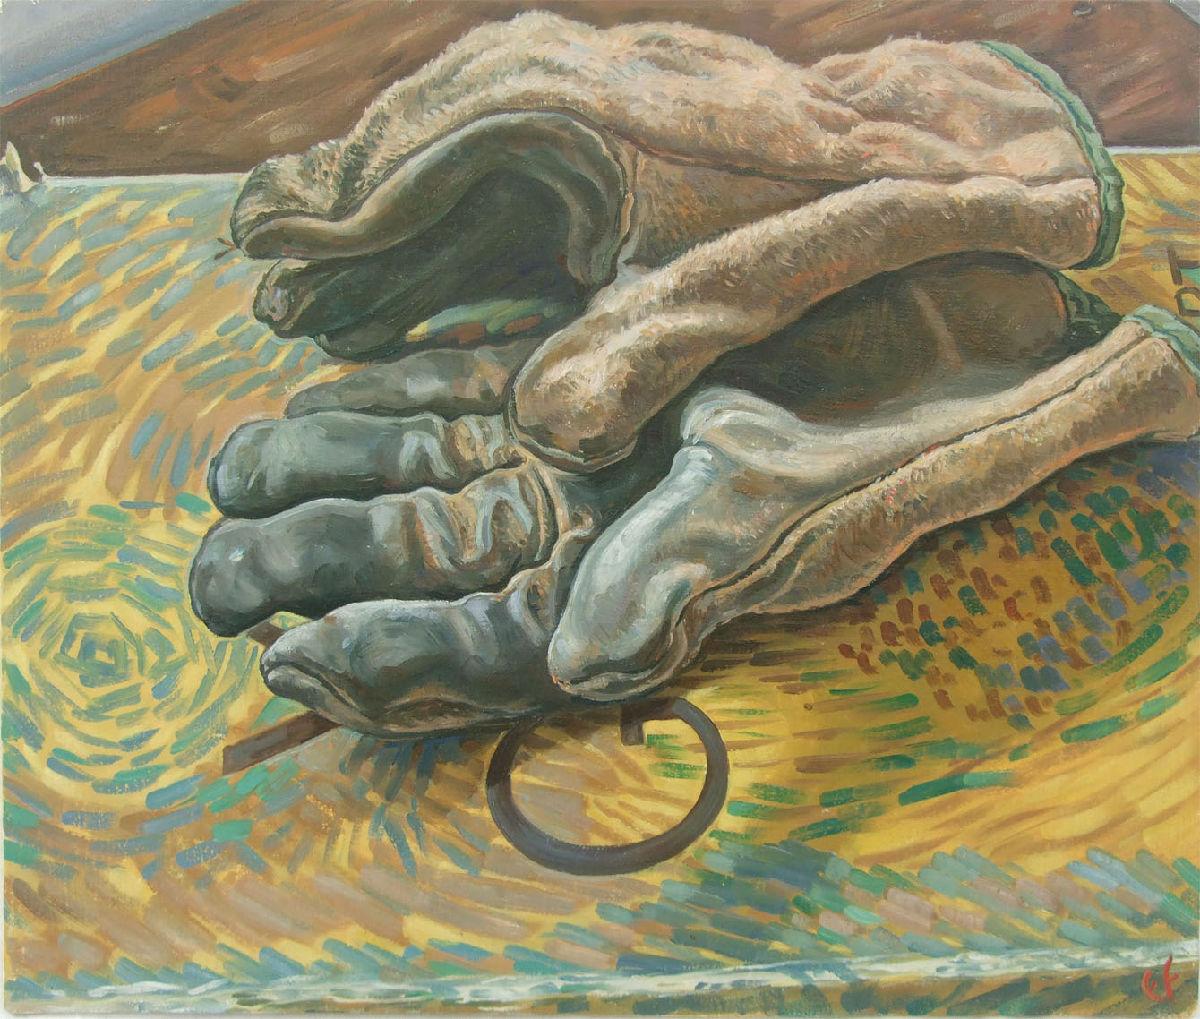 Homage to Van Gogh